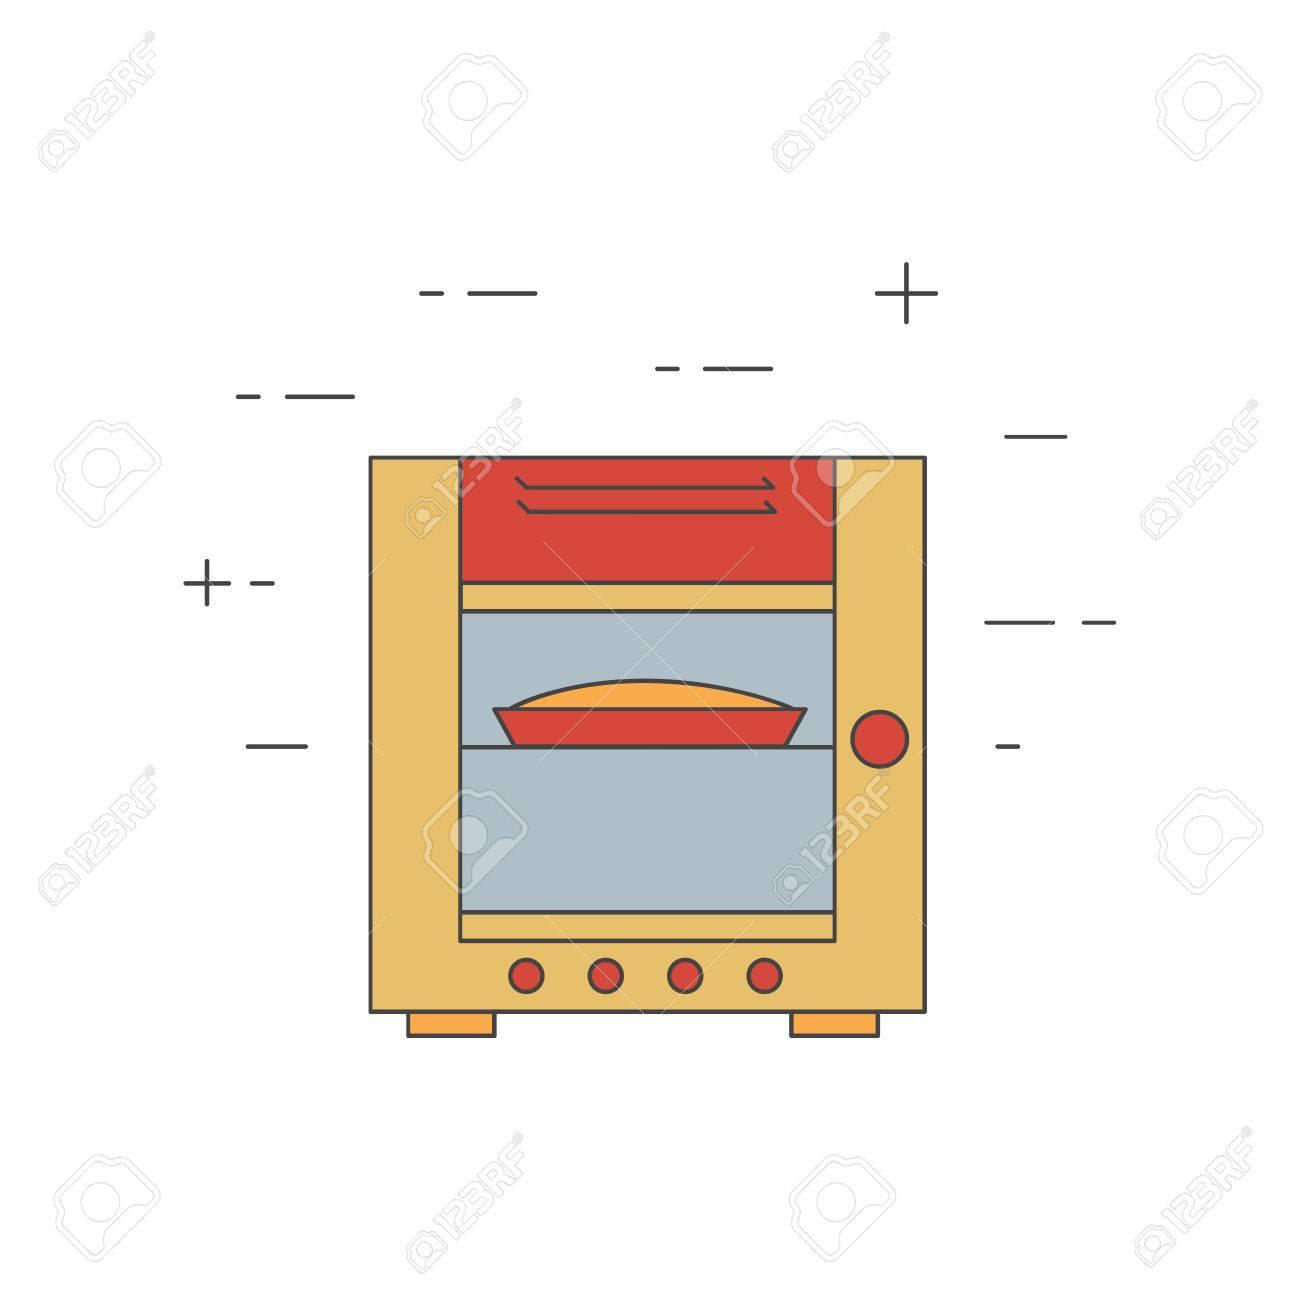 icône de la ligne de vapeur du four combiné. restaurant, équipement